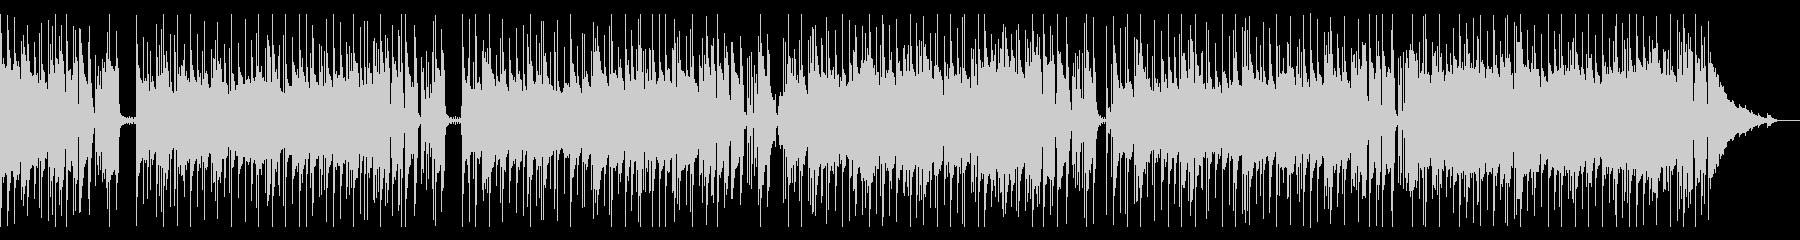 マイナー調のアーバンブルースの未再生の波形